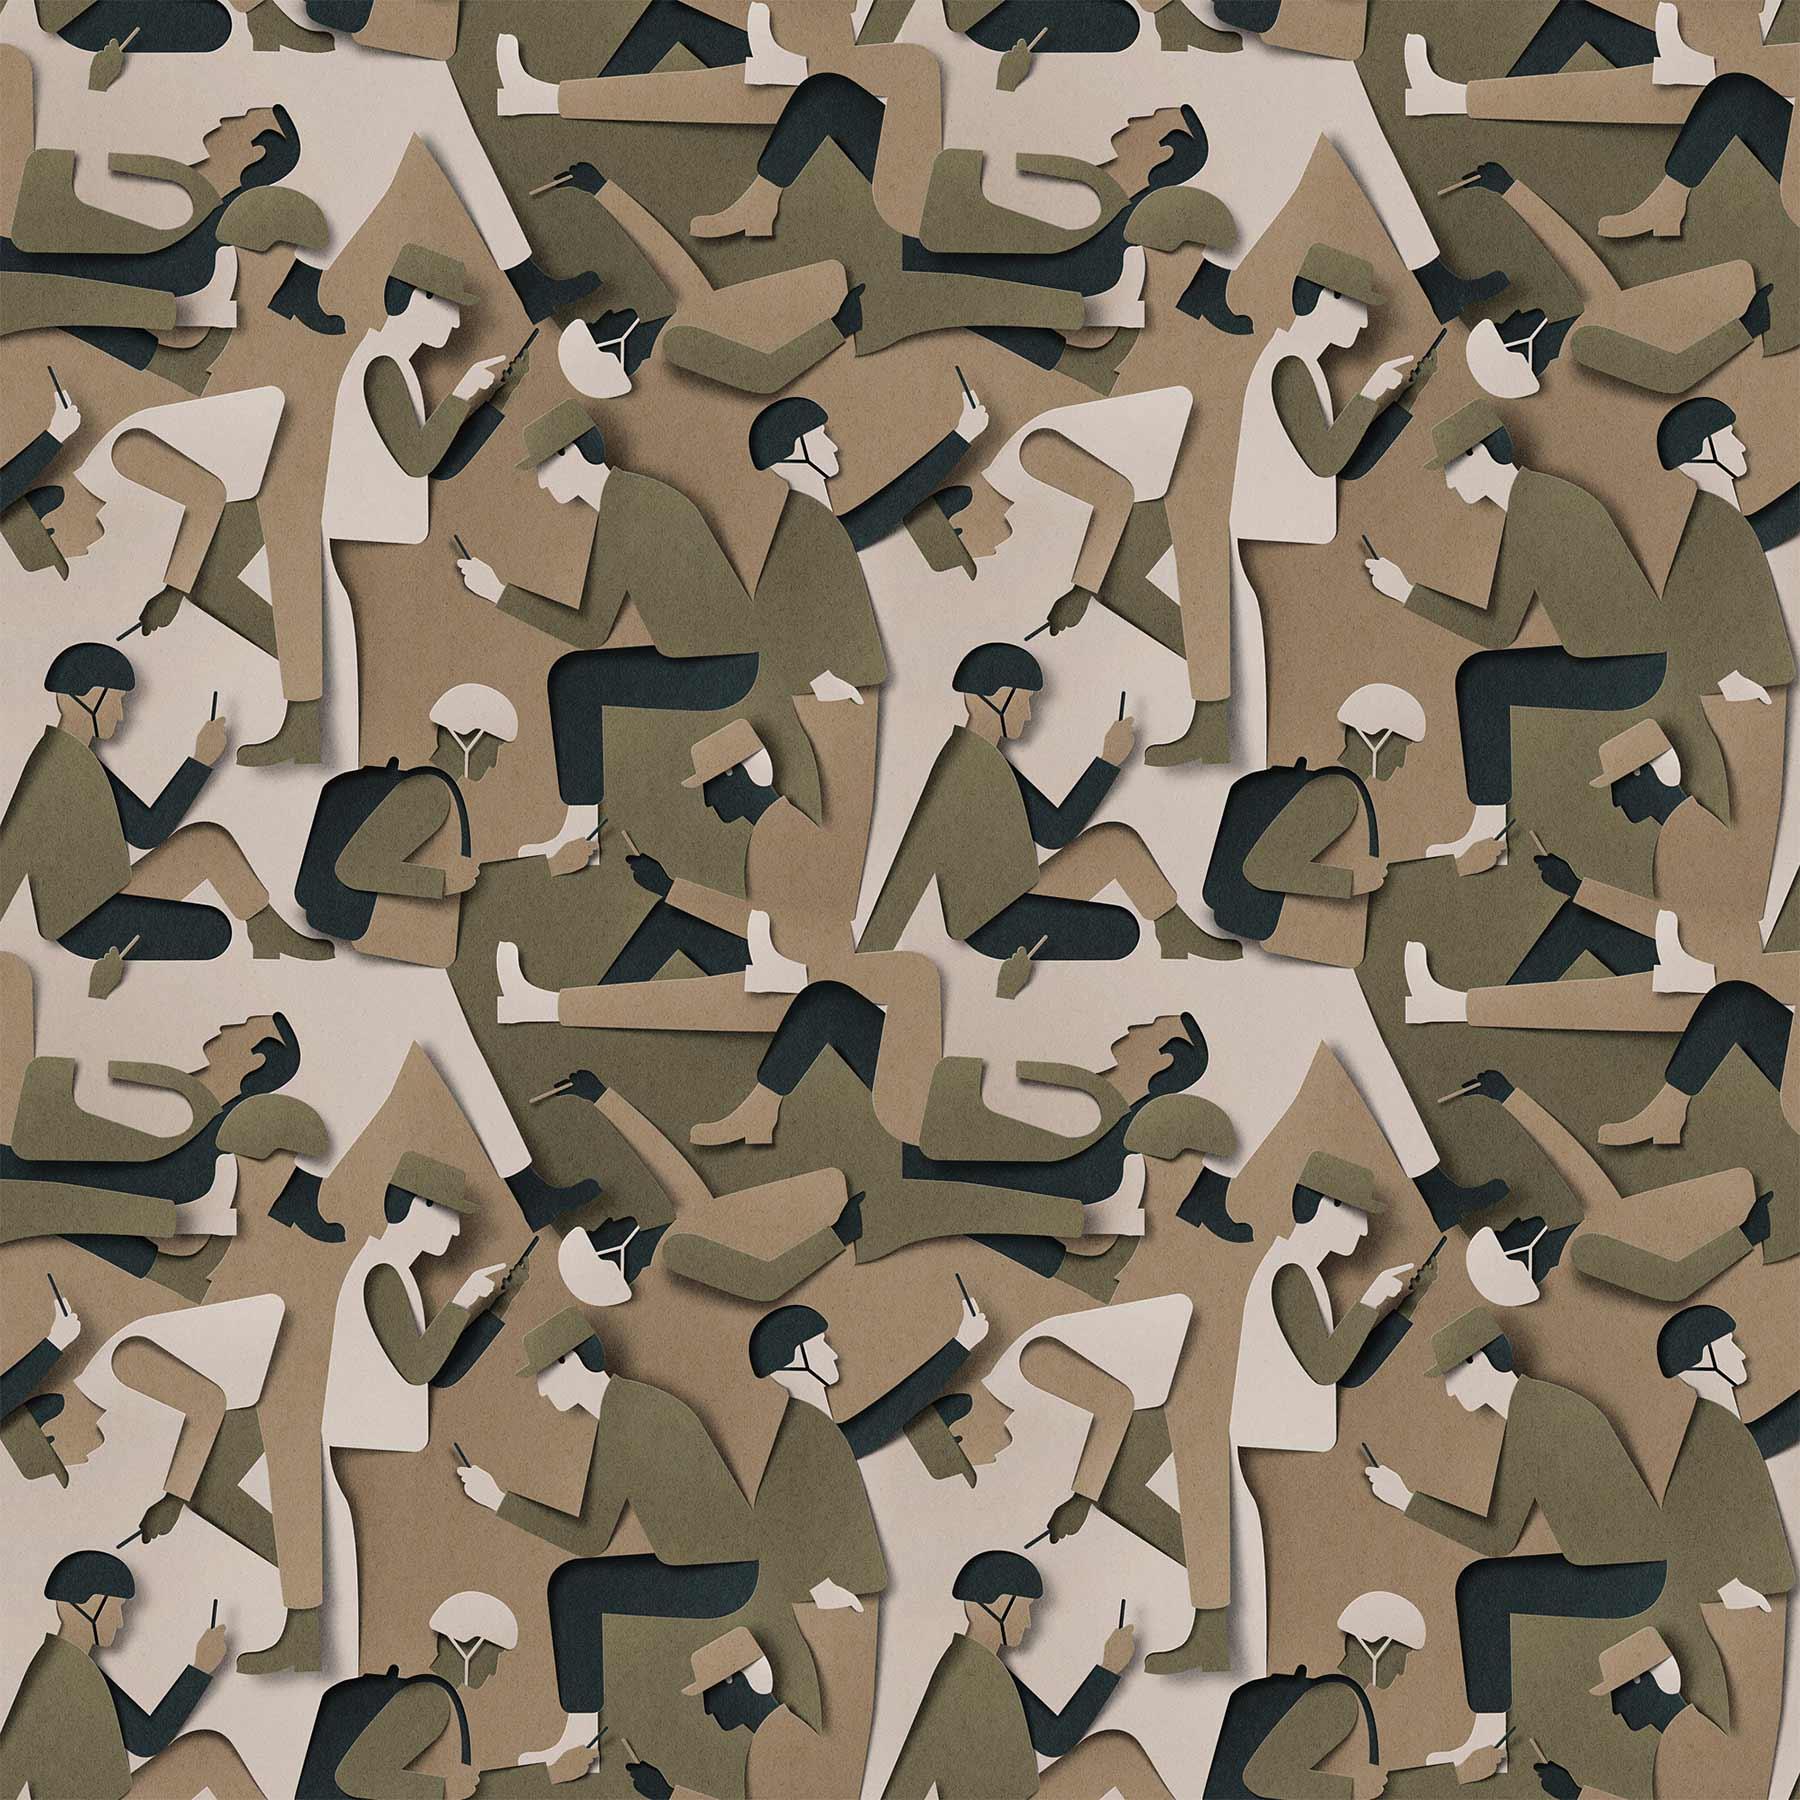 Neue papiergleiche Illustrationen von Eiko Ojala Eiko-Ojala_papierillustrationen_2019_02